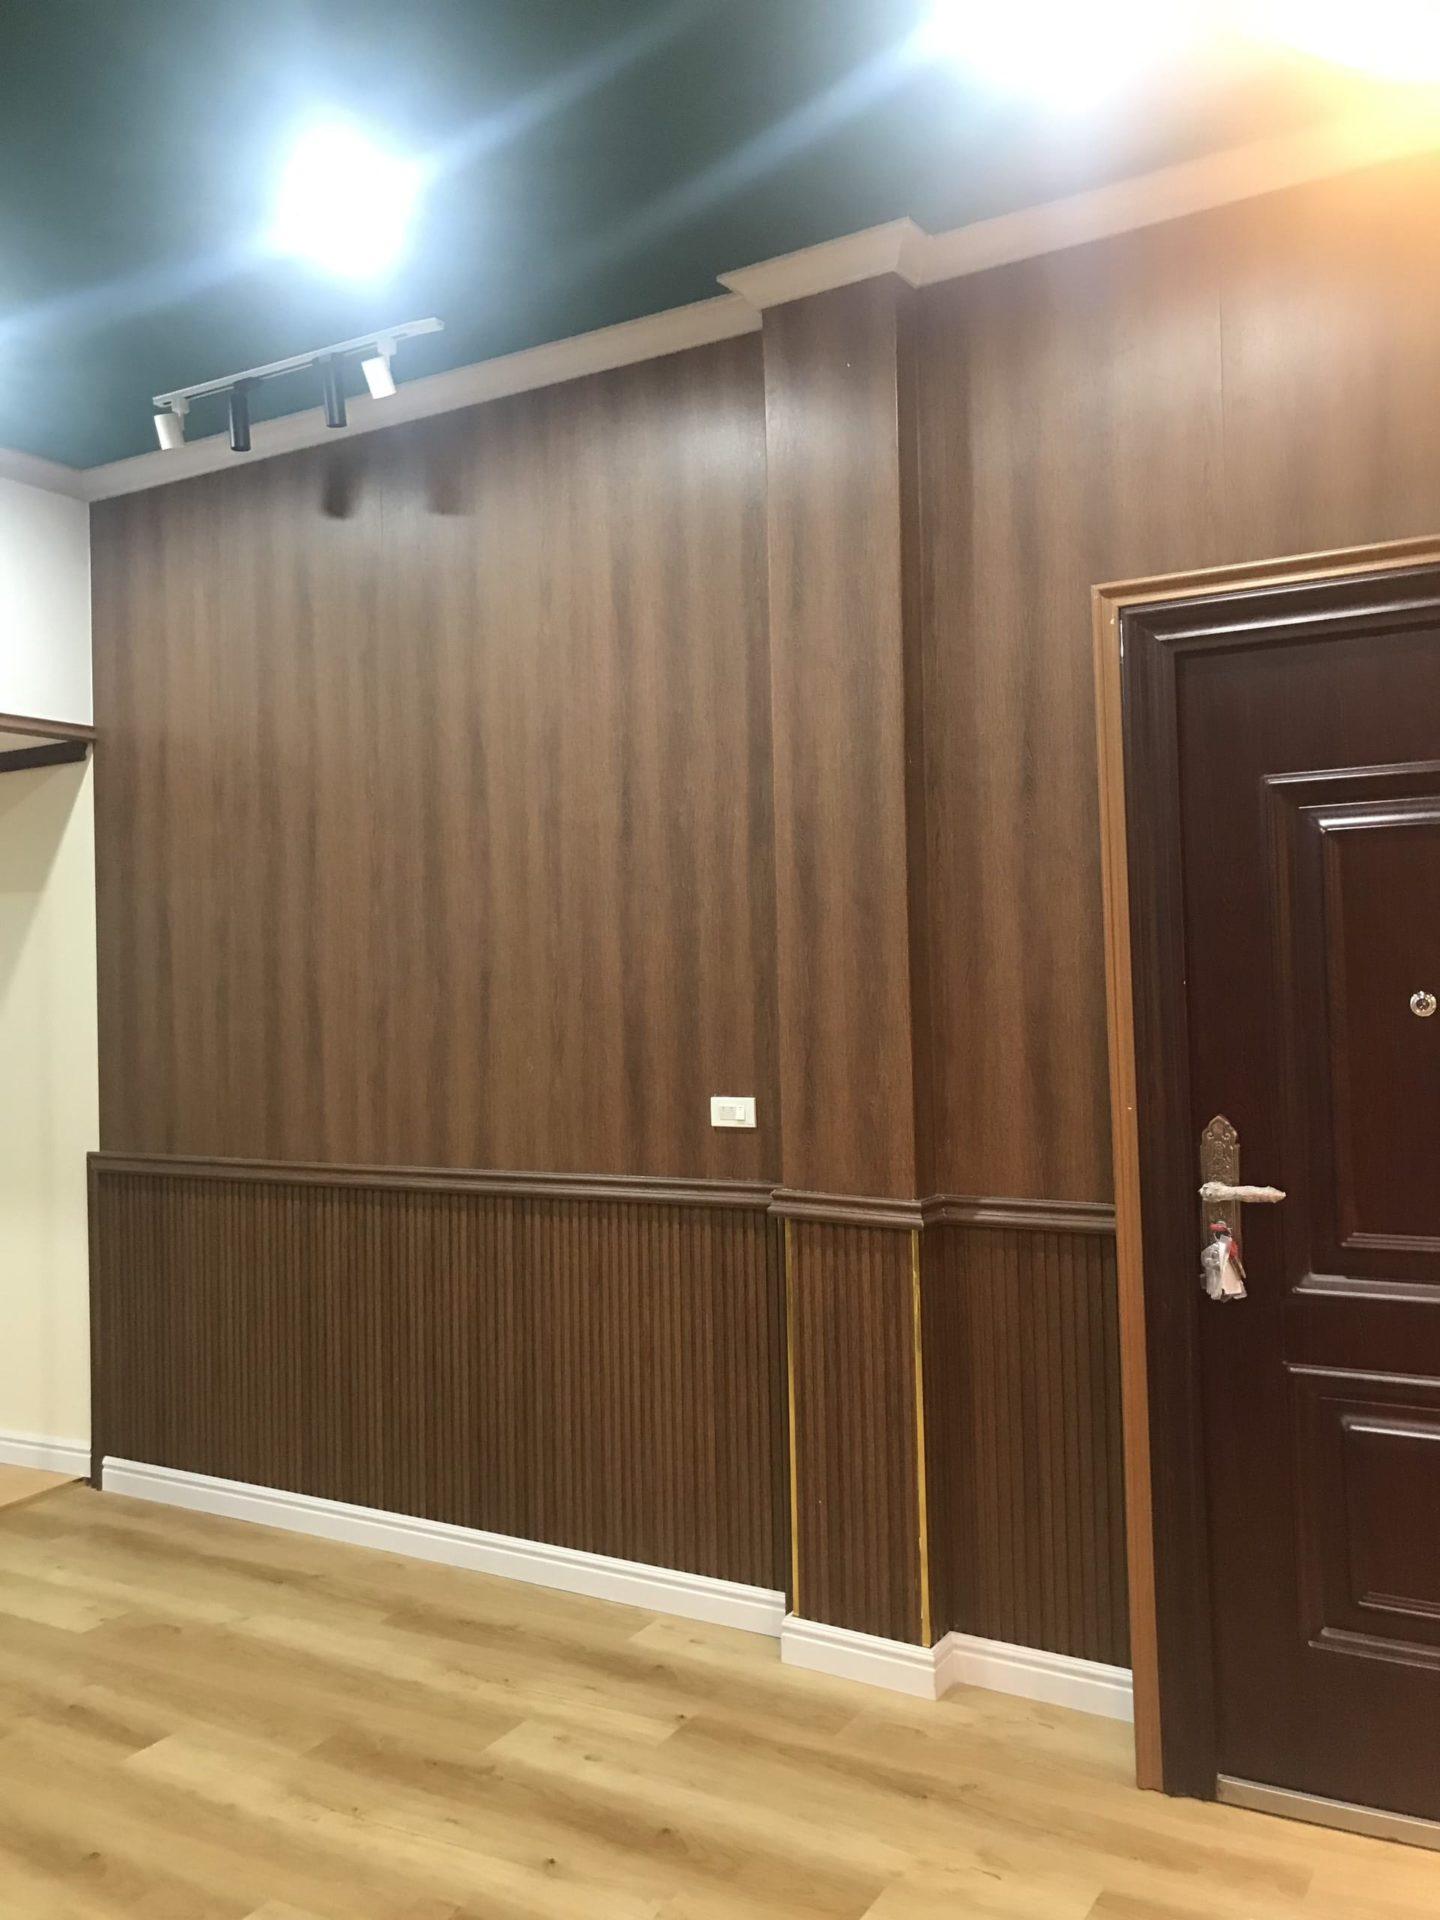 191055dc7bbe9fe0c6af - Showroom